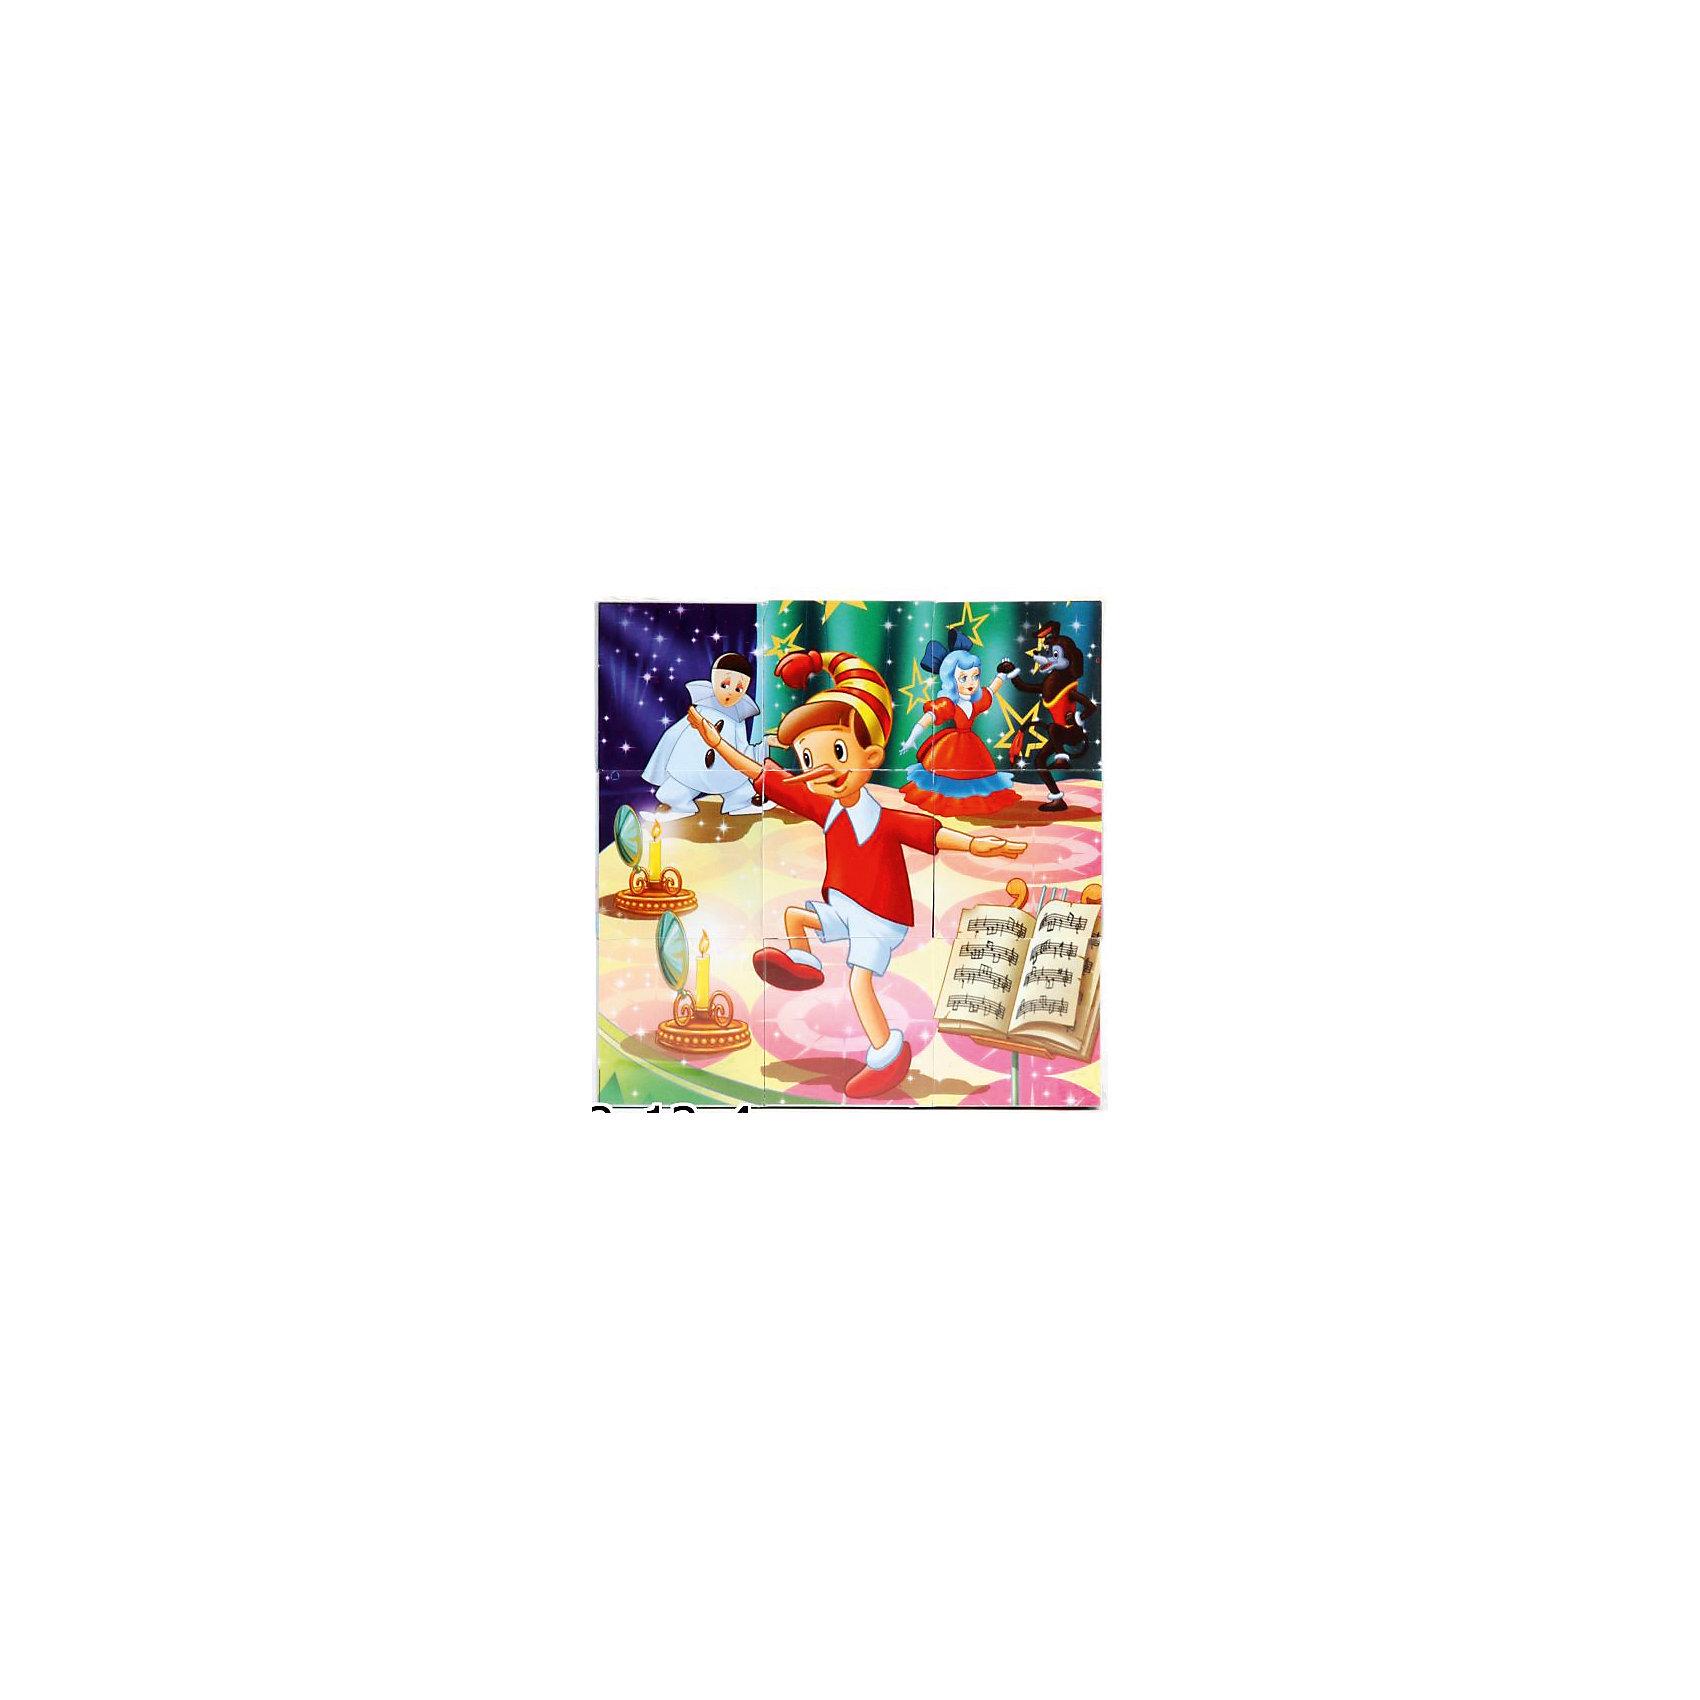 Набор кубиков, Играем вместеКубики<br>Набор пластмассовых кубиков с бумажным покрытием и изображением известных каждому ребенку сказок и  мультфильмов. В наборе 9 кубиков. Изображены моменты сказок и мульфильмов: Малыш и карлосон, Приключения Буратино, Приключения Чиполлино, Золушка, Дюймовочка, Красная шапочка.<br><br>Ширина мм: 40<br>Глубина мм: 120<br>Высота мм: 120<br>Вес г: 150<br>Возраст от месяцев: 12<br>Возраст до месяцев: 60<br>Пол: Унисекс<br>Возраст: Детский<br>SKU: 5099110